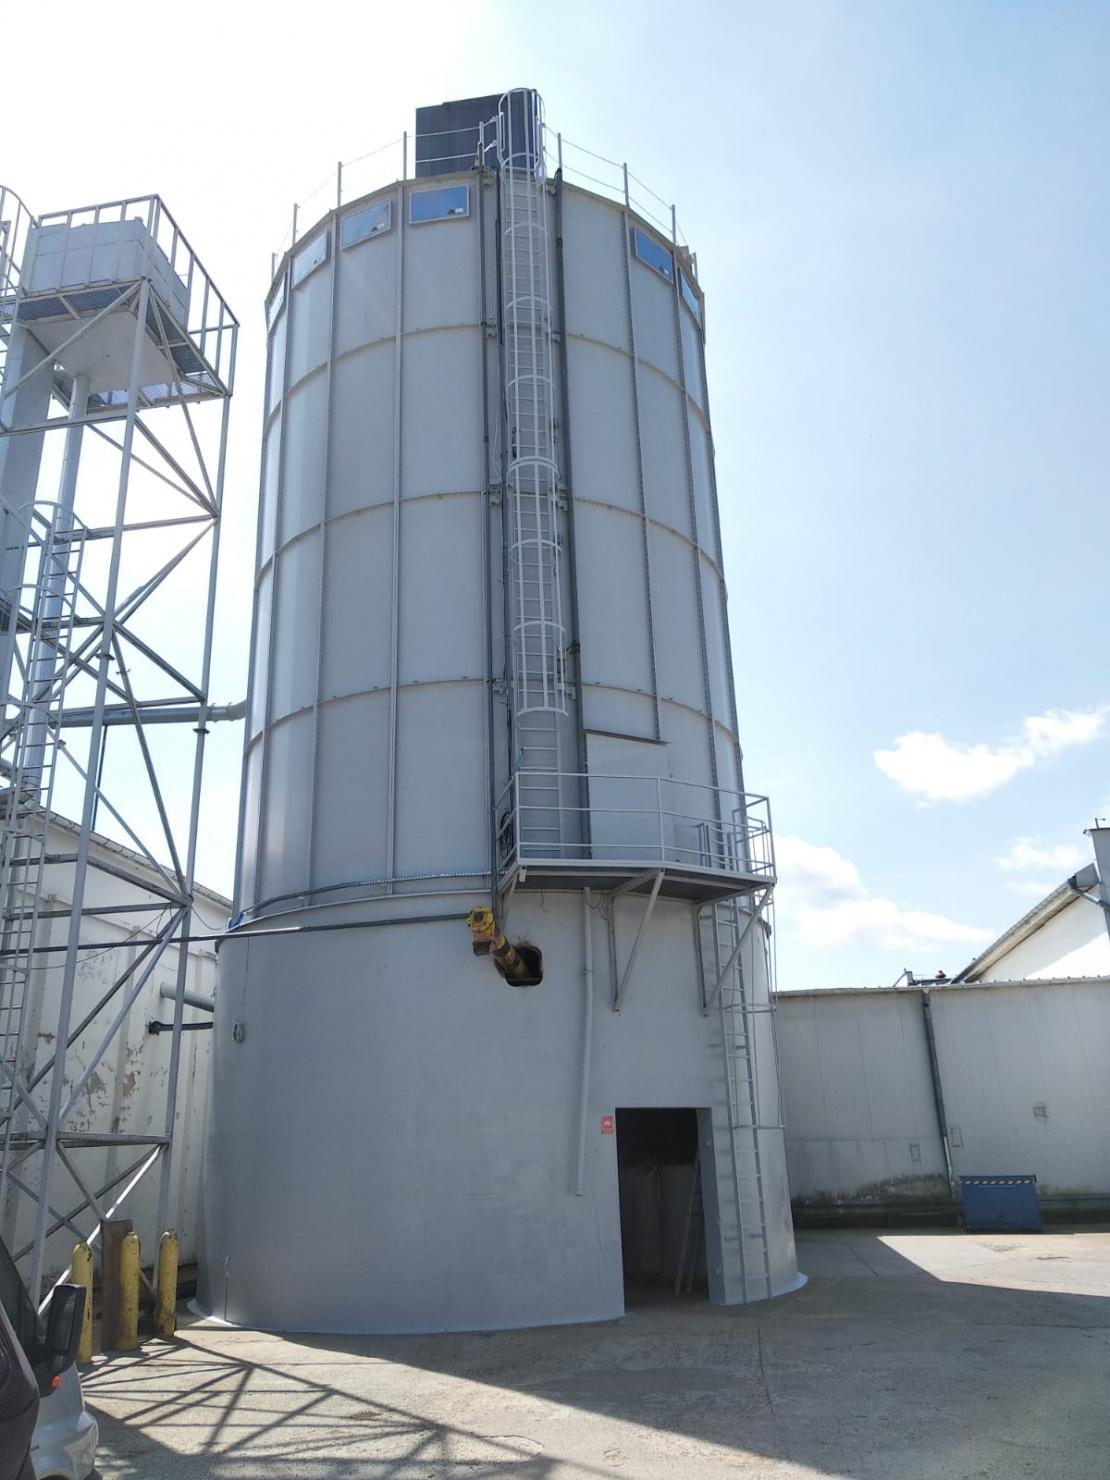 Zabezpieczenie antykorozyjne zbiornika stalowego - widok po remoncie